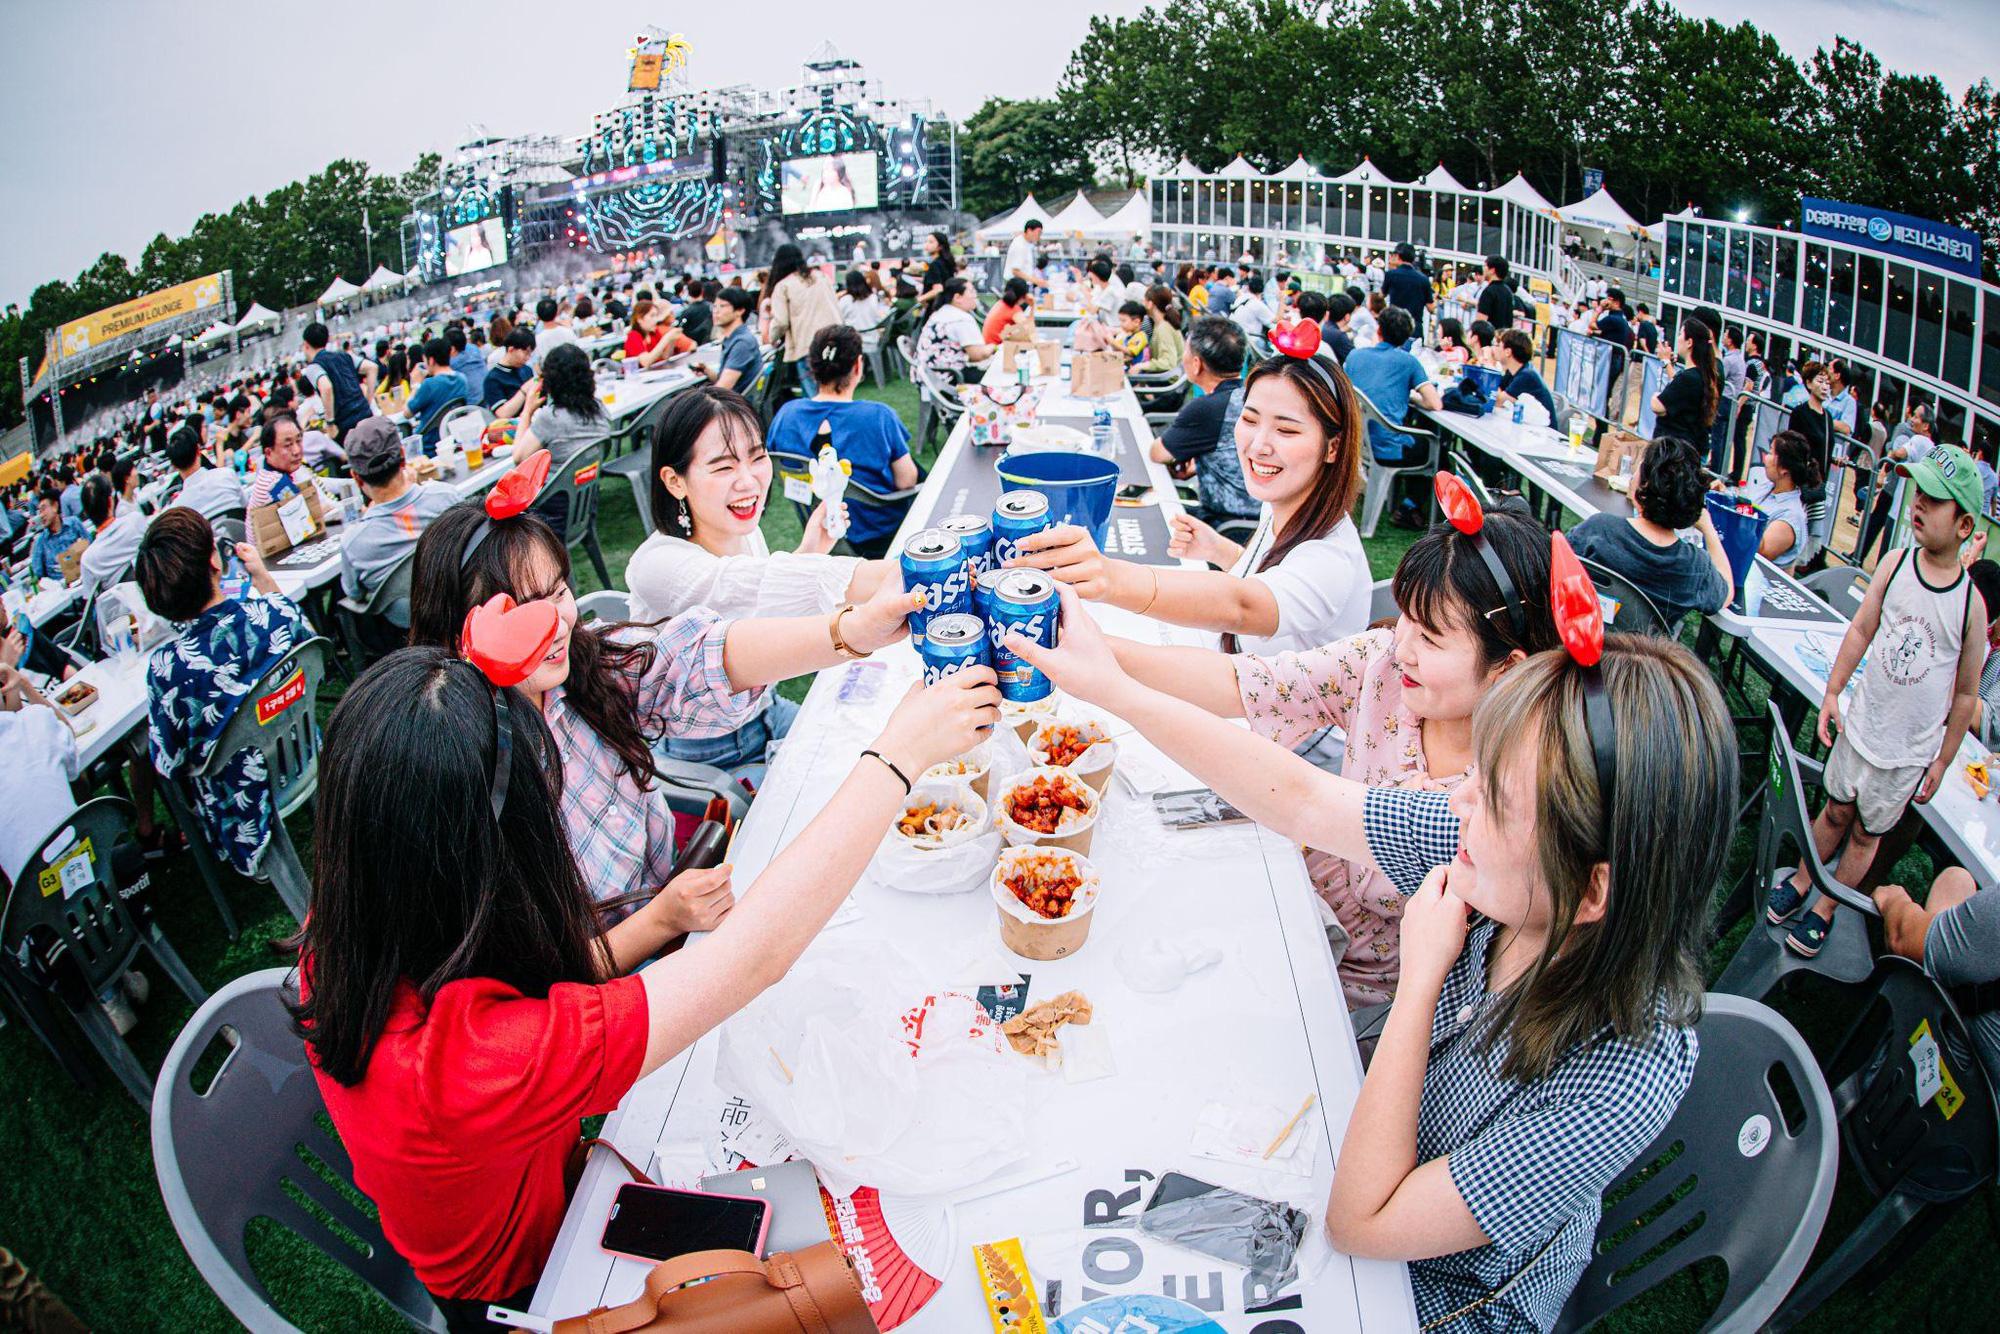 Tận hưởng không khí cực kì sôi động của lễ hội gà bia Chimac và trải nghiệm công viên gà rán Ttang Ttang Land tại Daegu - Ảnh 3.